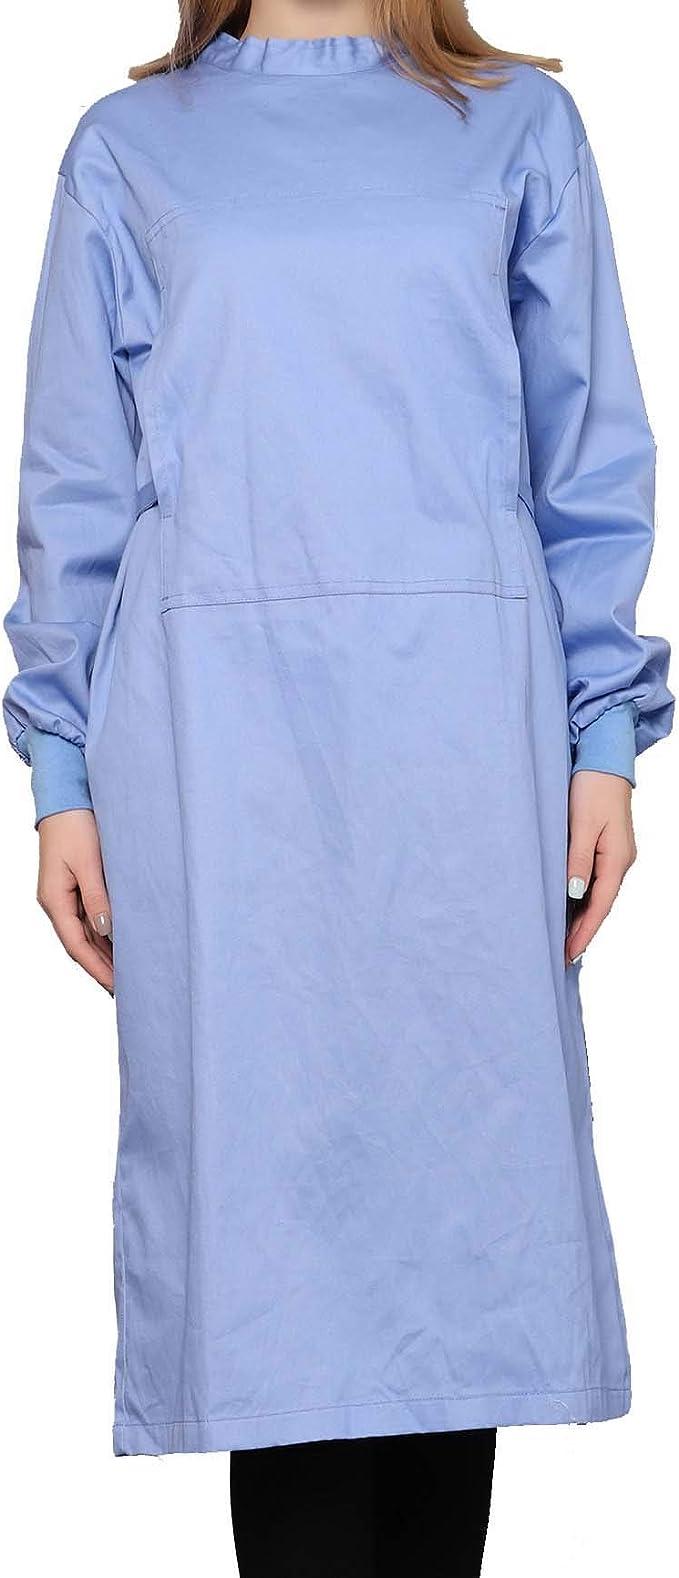 Bycloth Quirúrgica de Cirugía del Vestido de algodón Puro friega ...